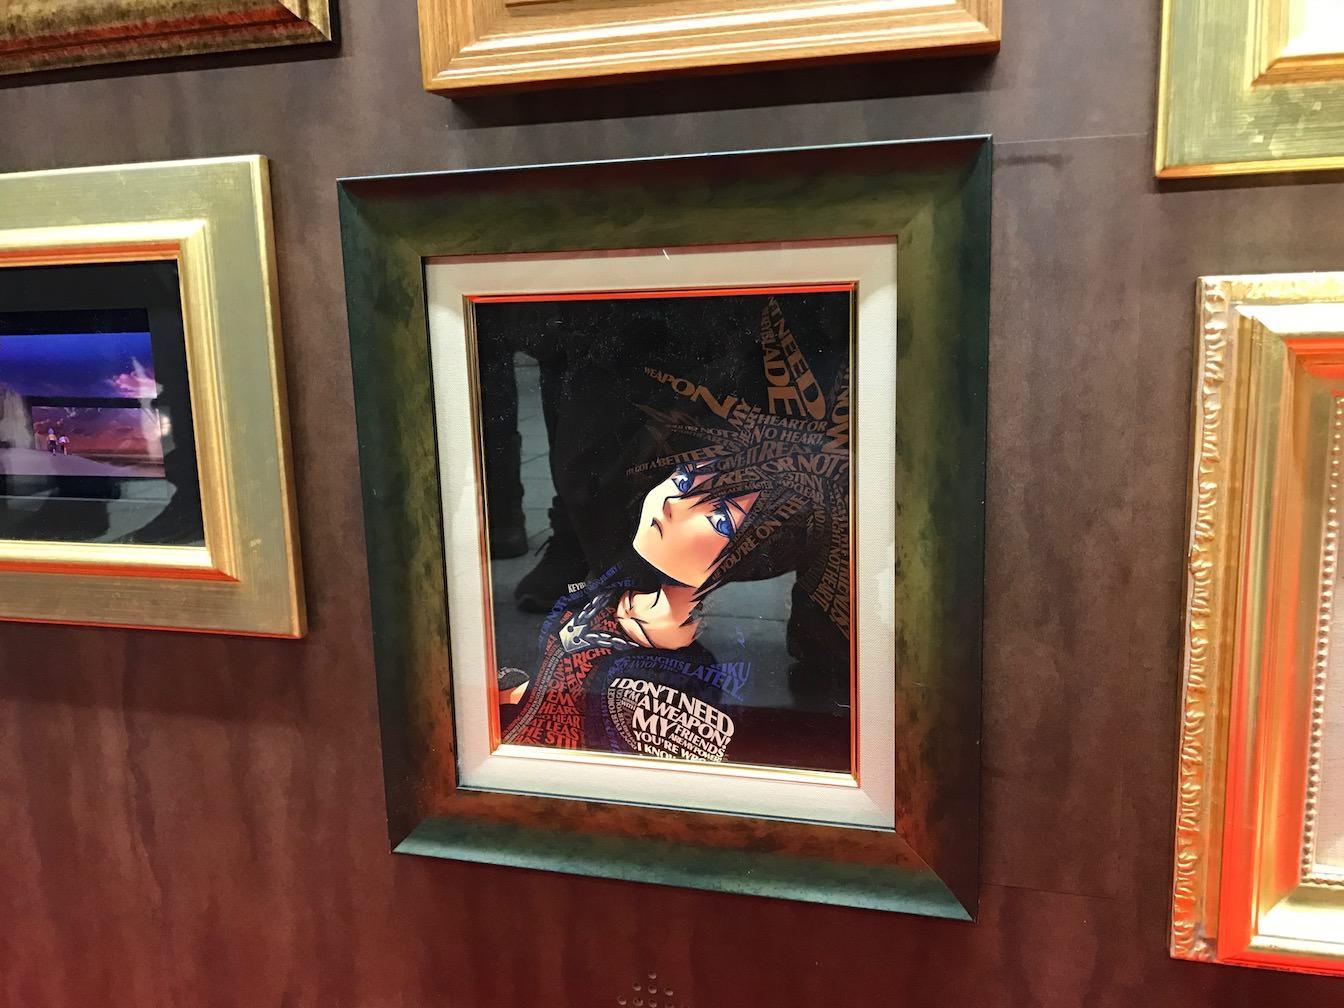 Kingdomhearts 15th anniversary exhibition at shinjuku 21